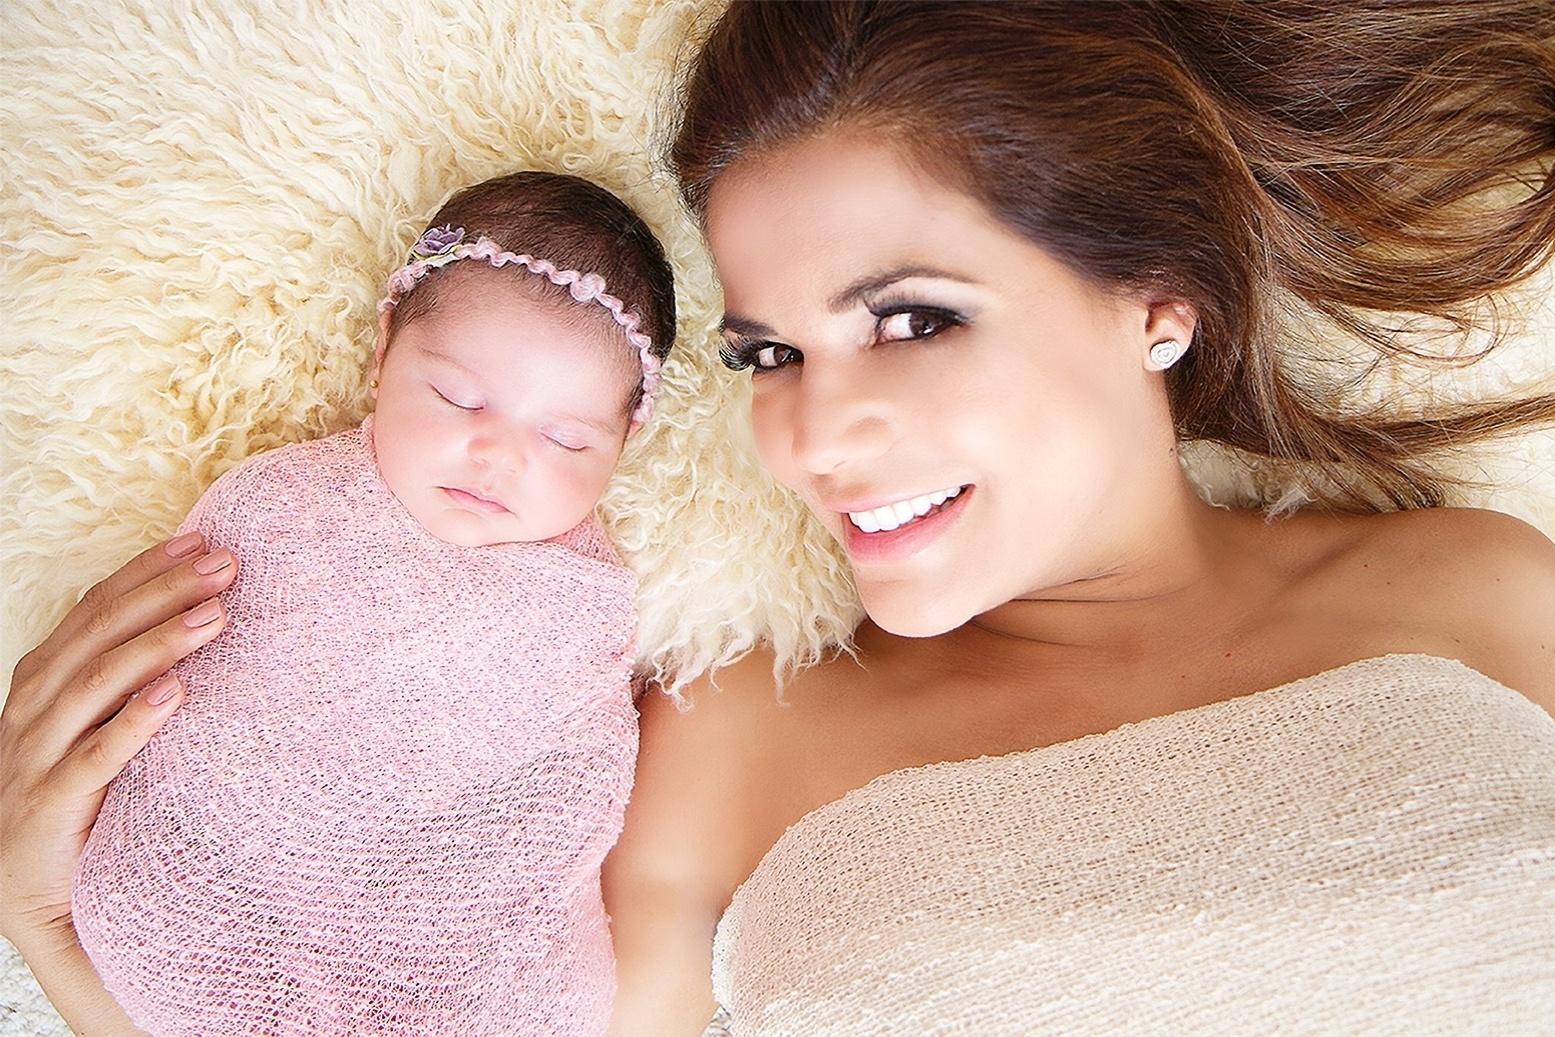 25.abr.2014 - Nívea Stelmann posa com a filha recém-nascida Bruna, fruto da relação da atriz com o empresário Marcus Rocha